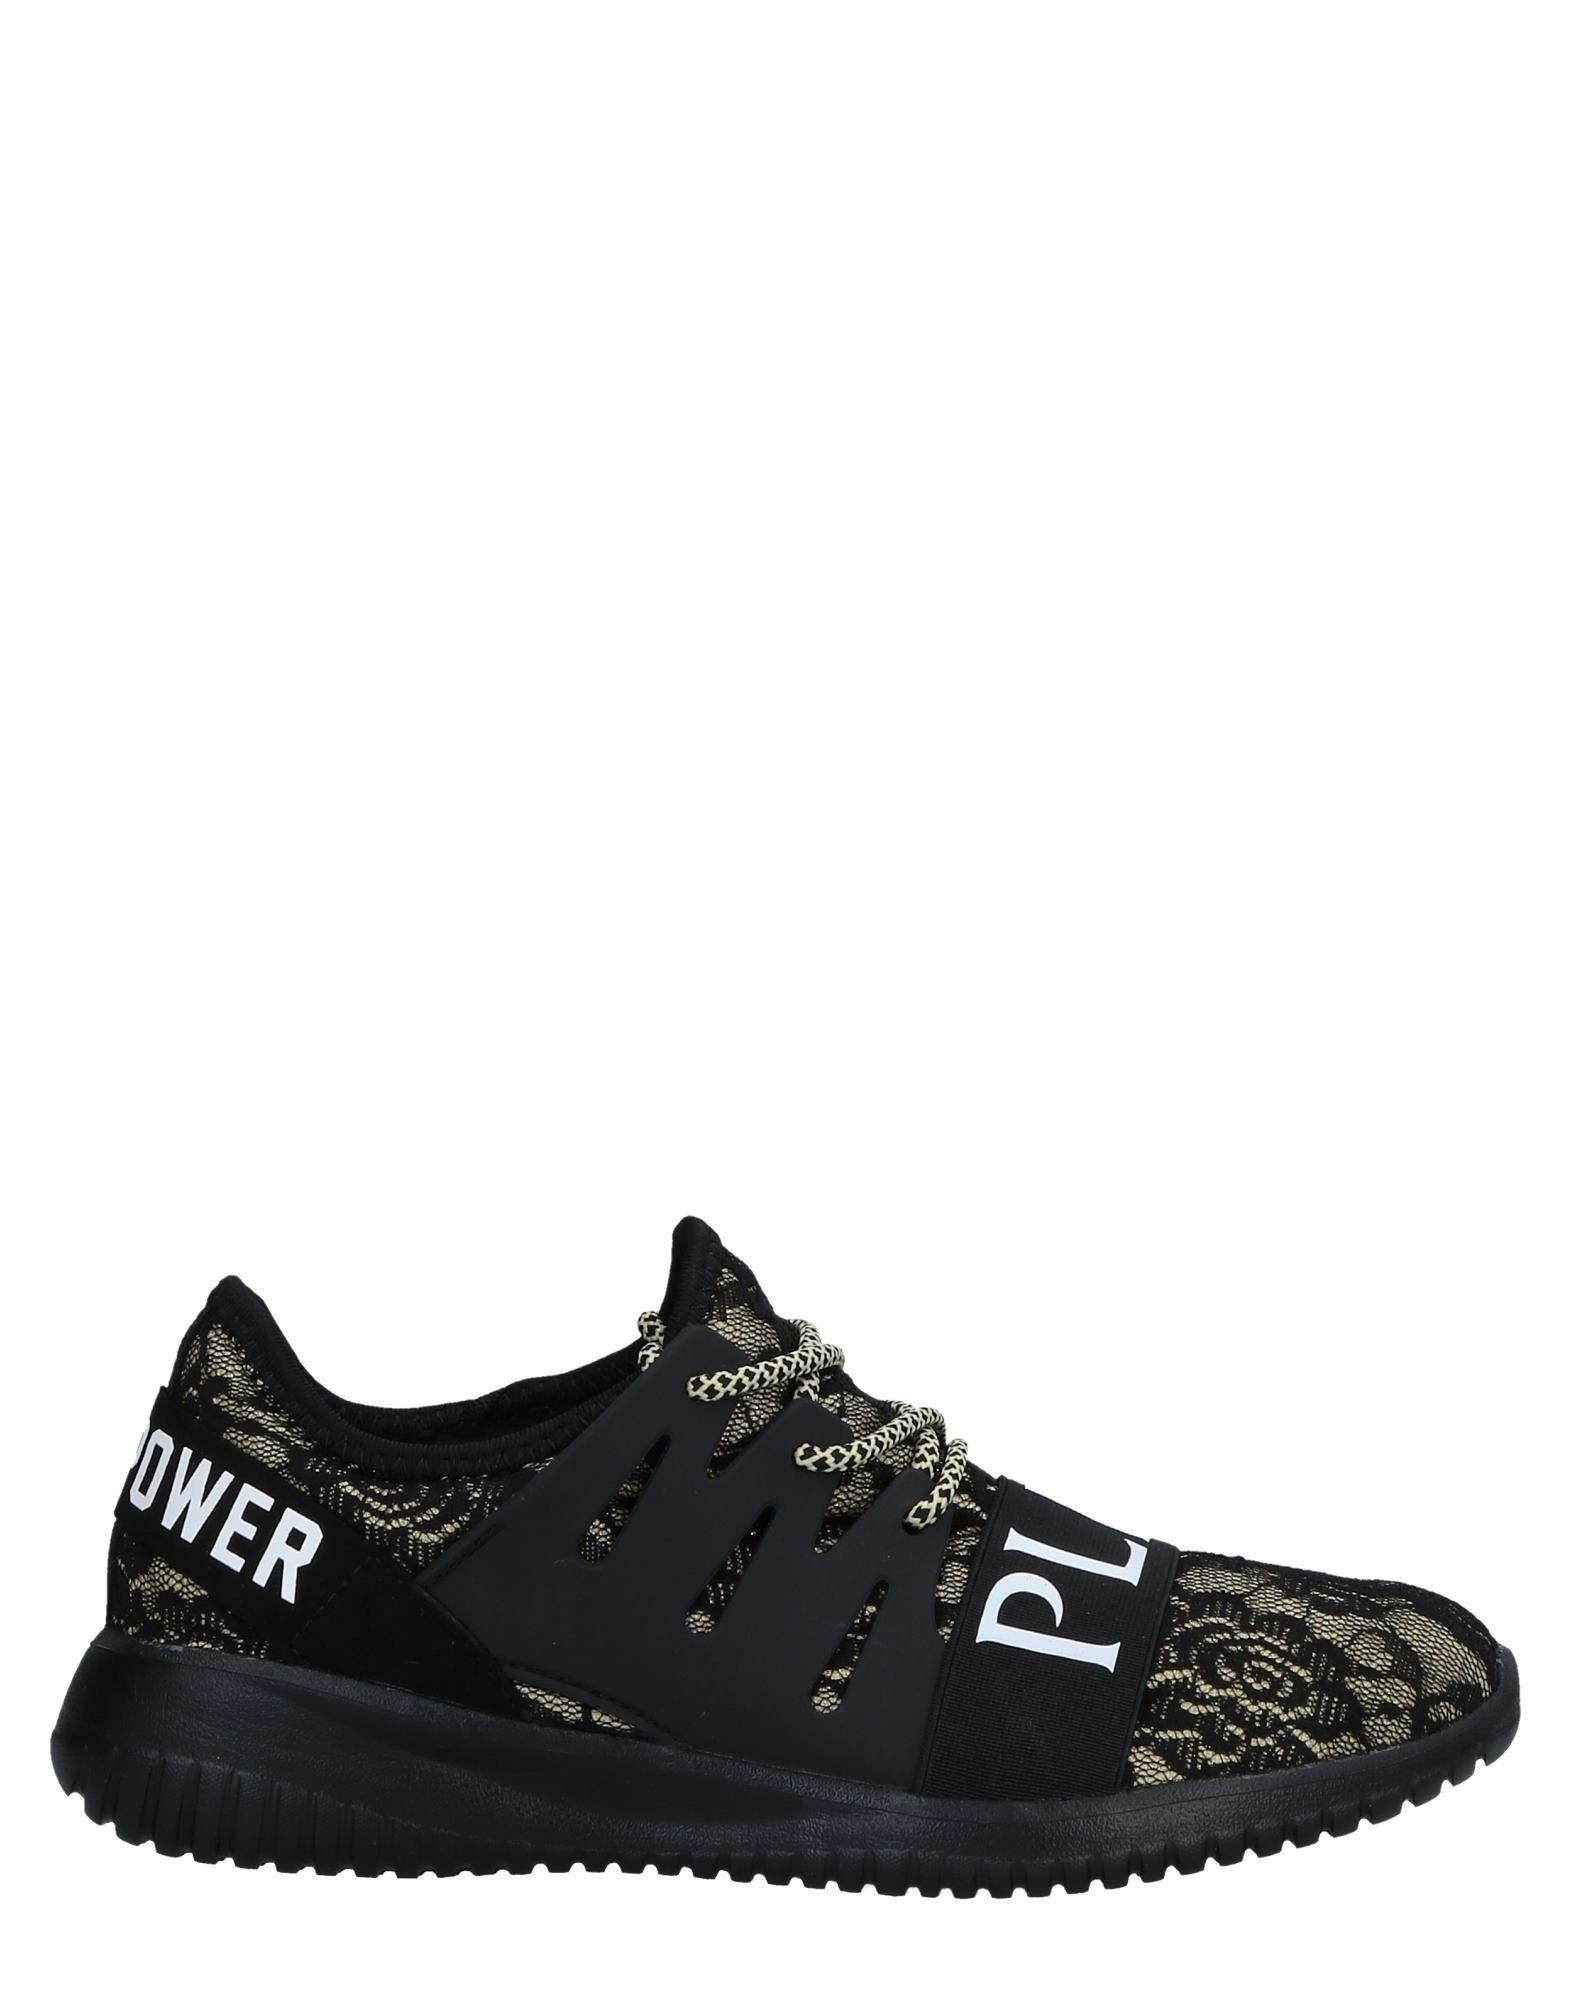 Stilvolle Sneakers billige Schuhe Plein Sport Sneakers Stilvolle Damen  11517010FS 70f925